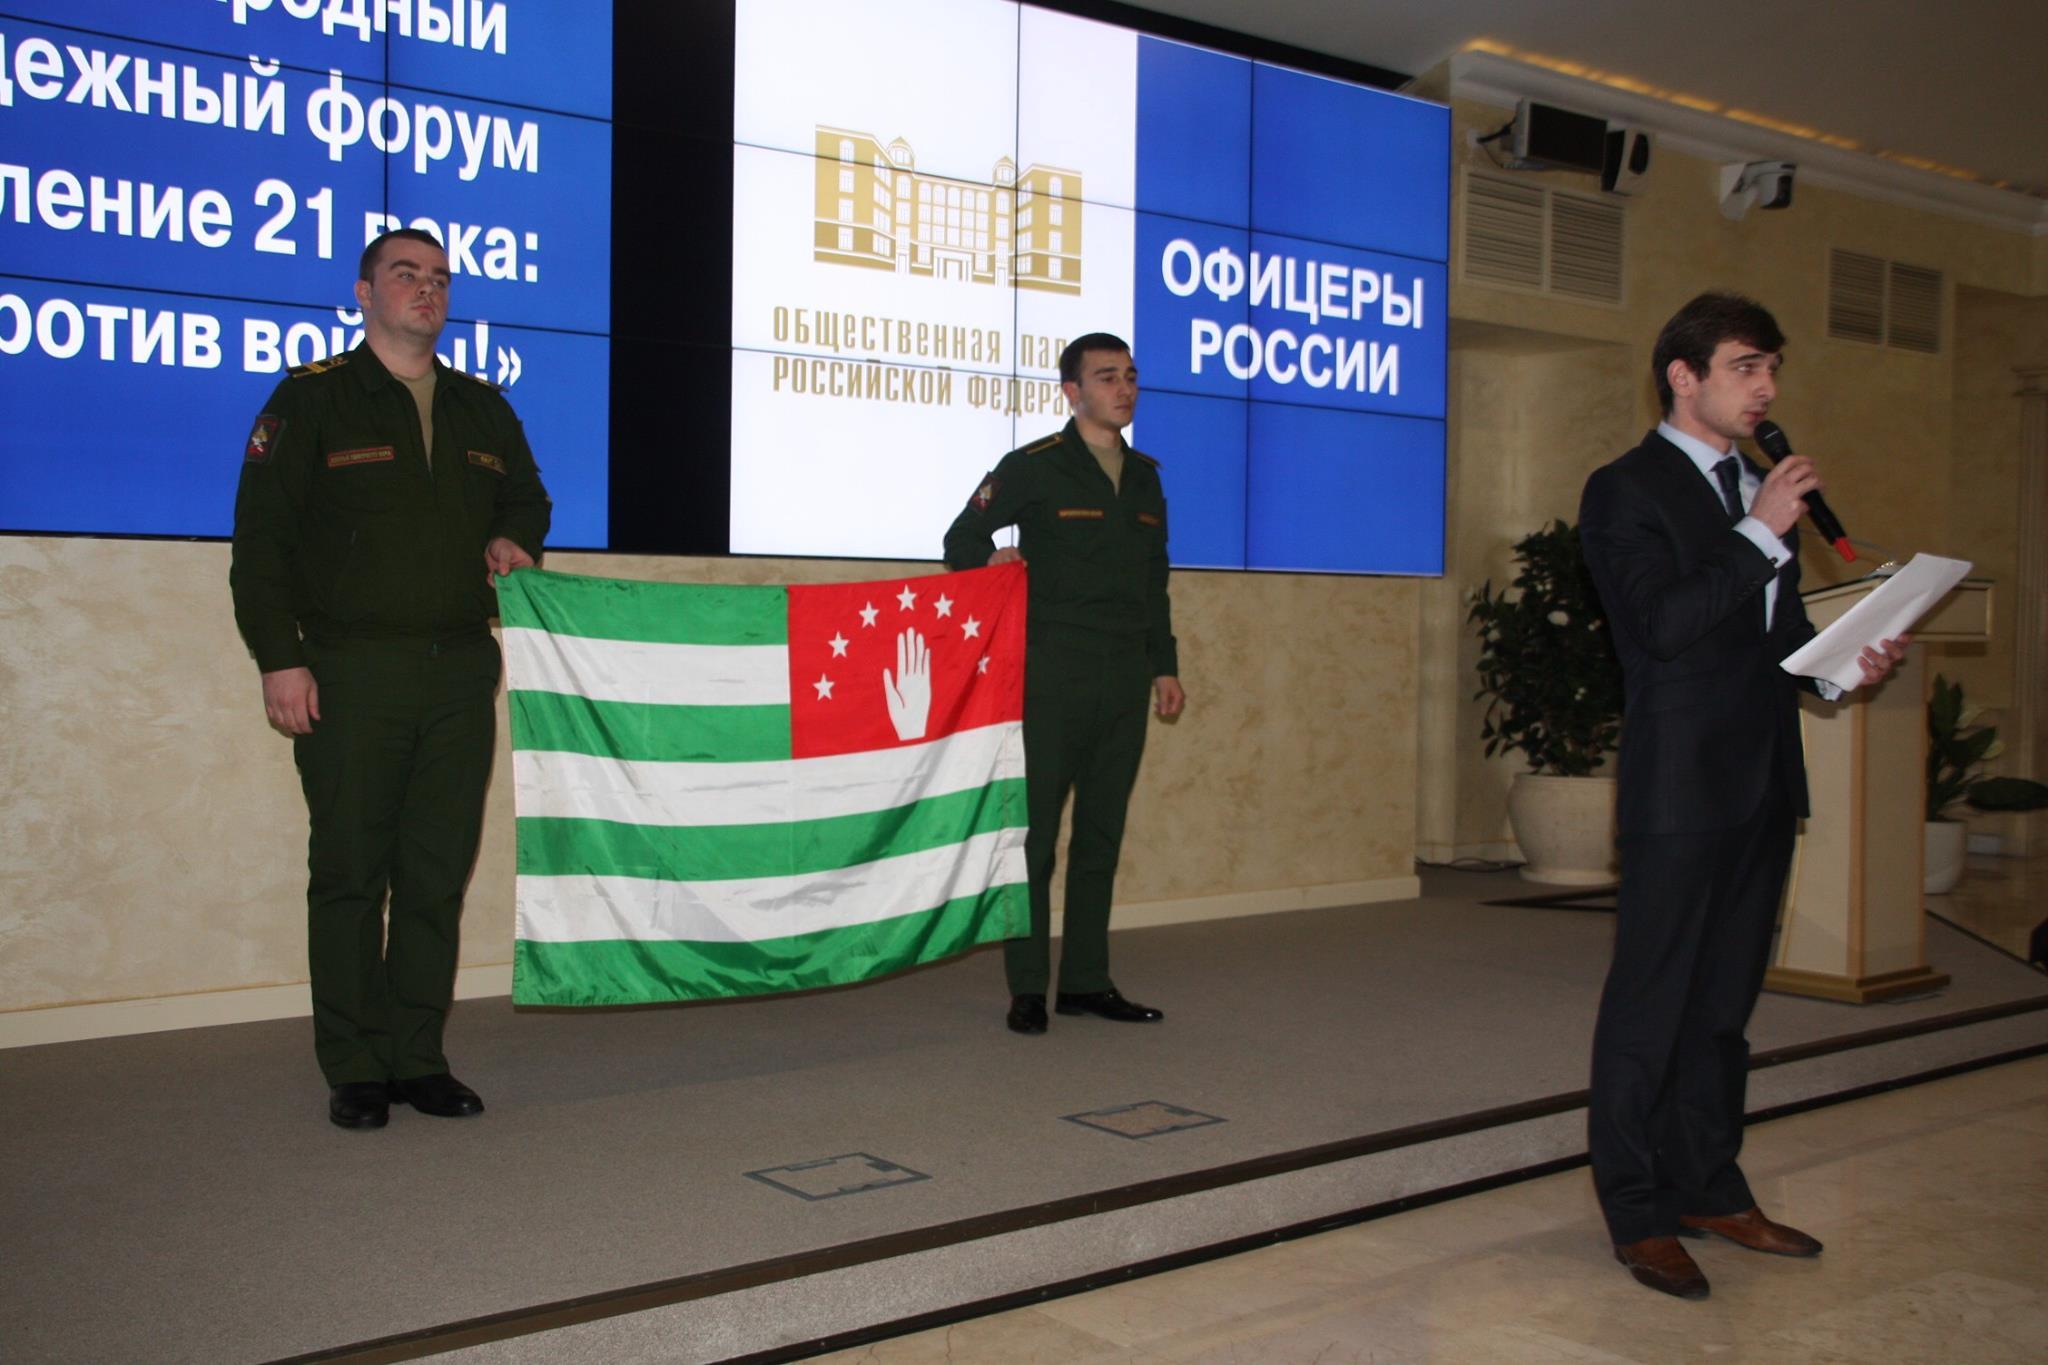 Председатель представительства организации Молодая Абхазия Ахра Харчилава